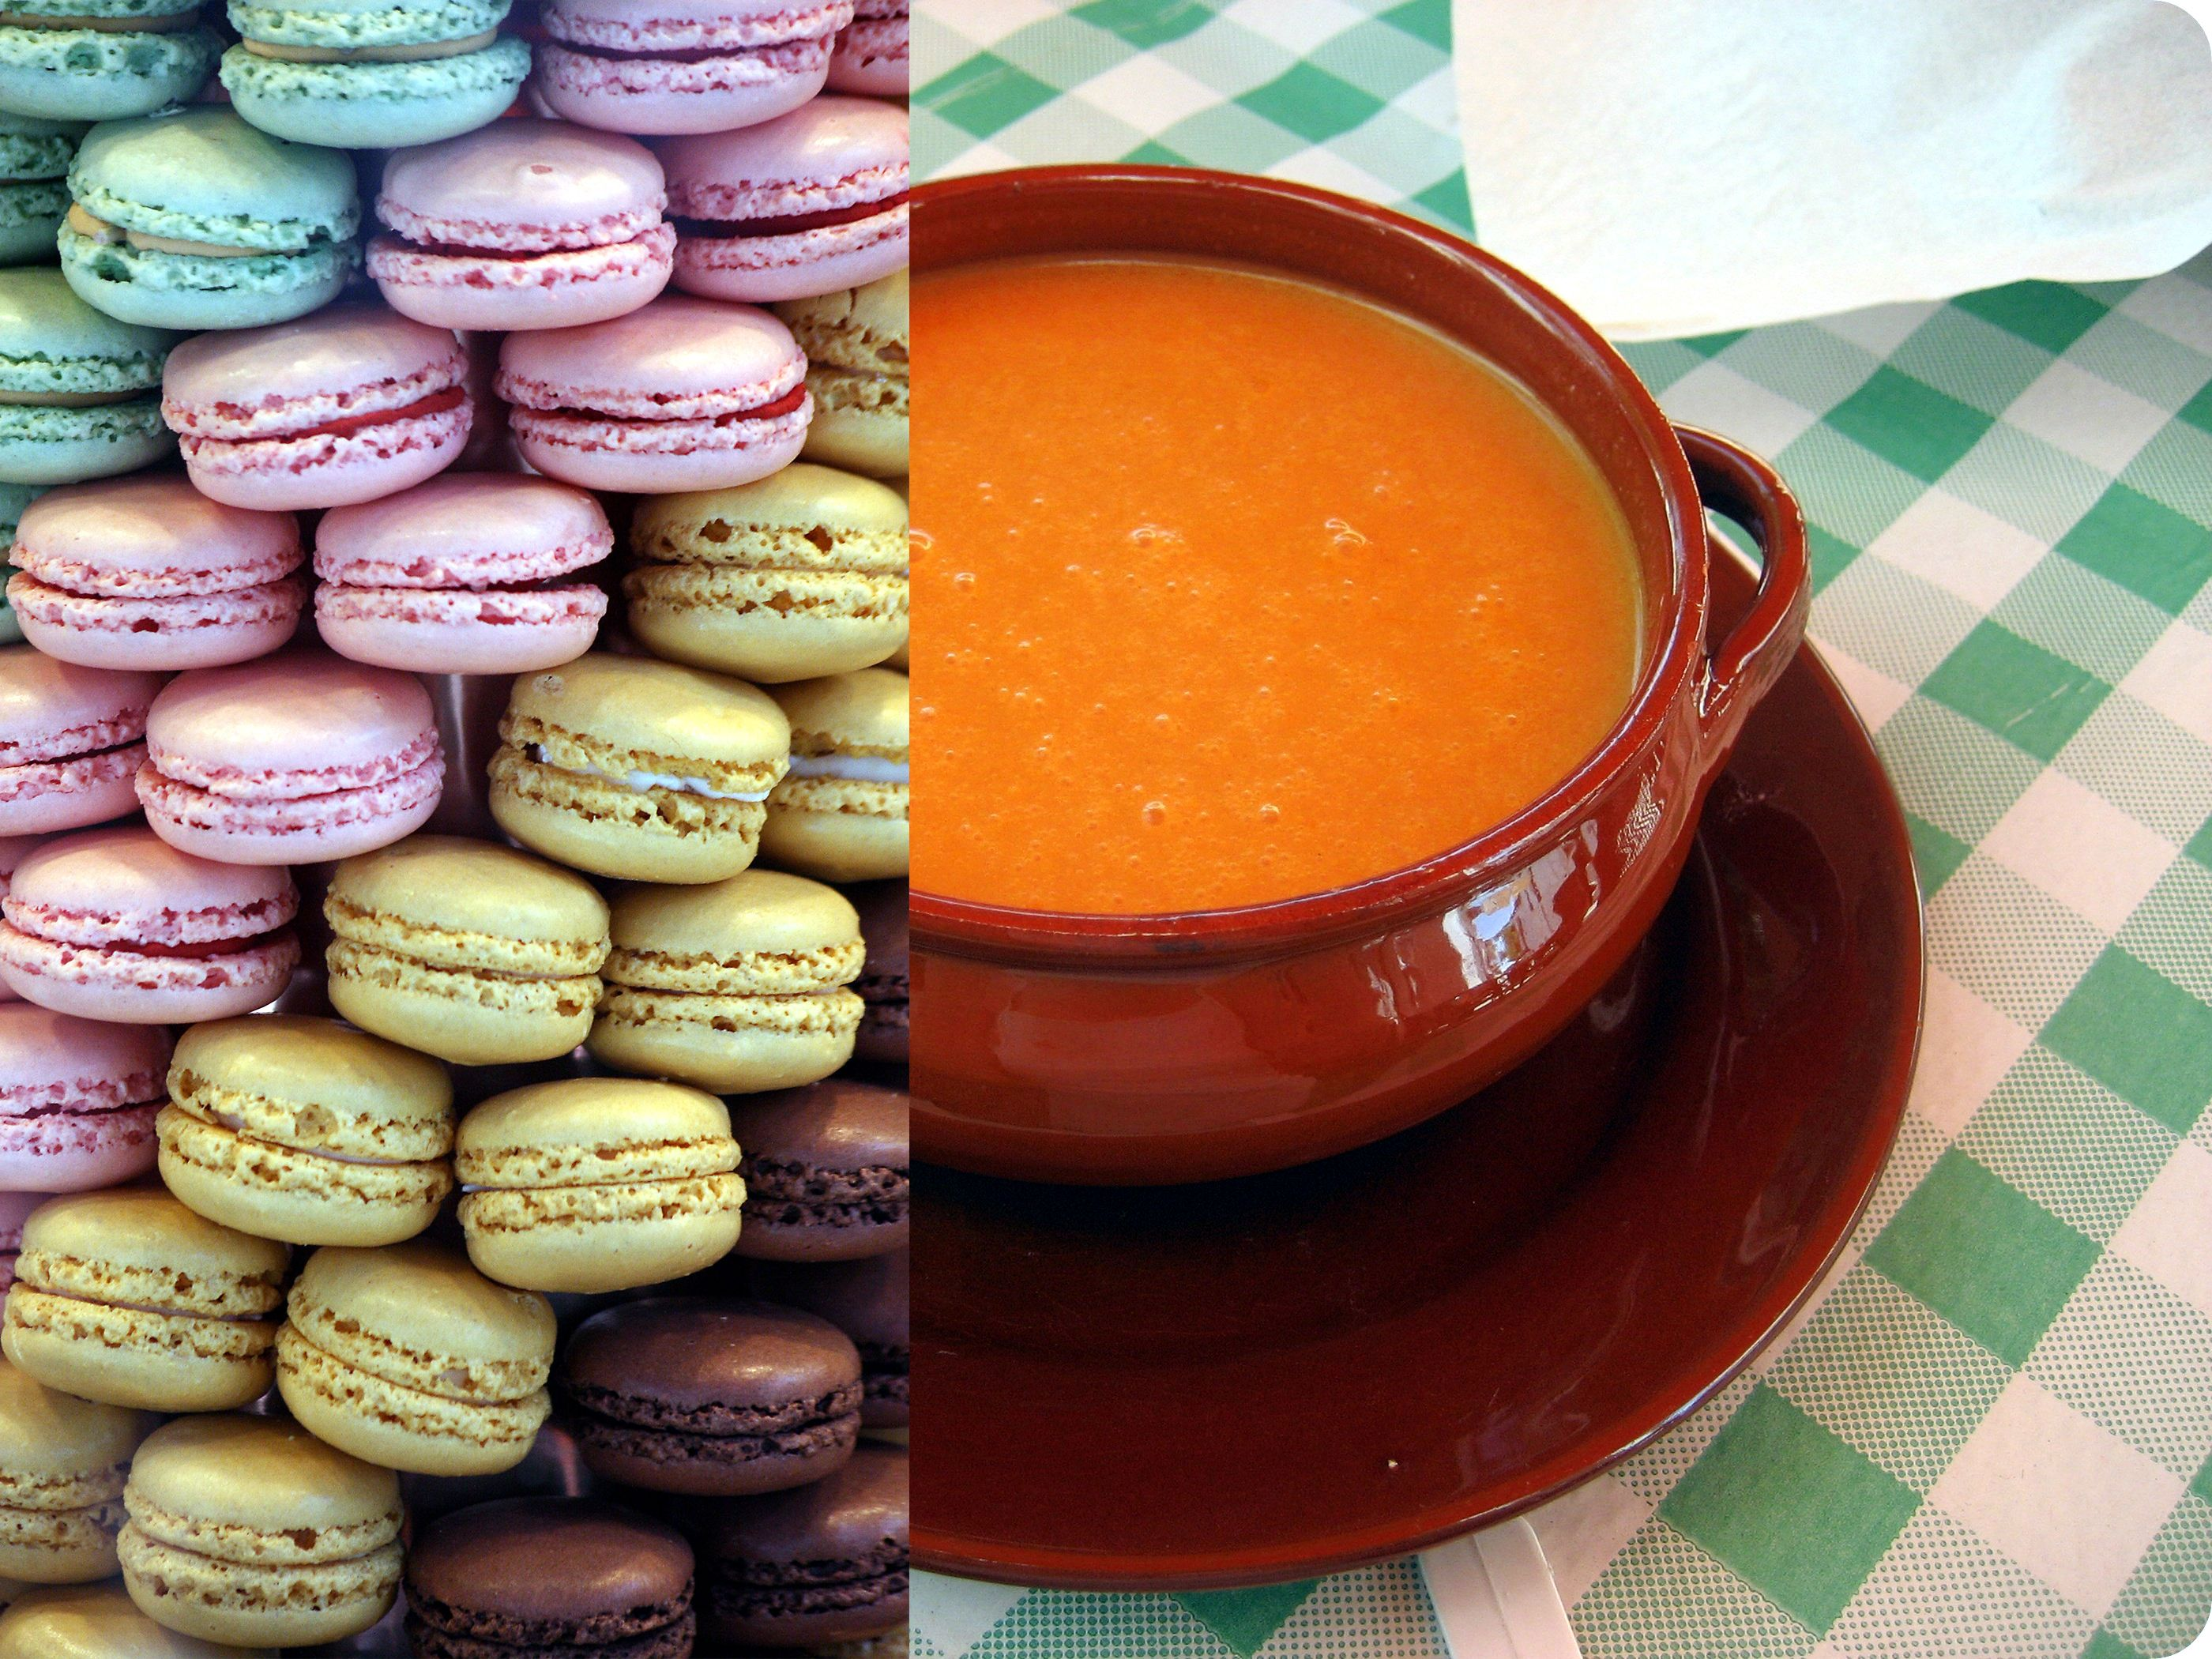 Le sucre est partout, même dans une soupe à la tomate.